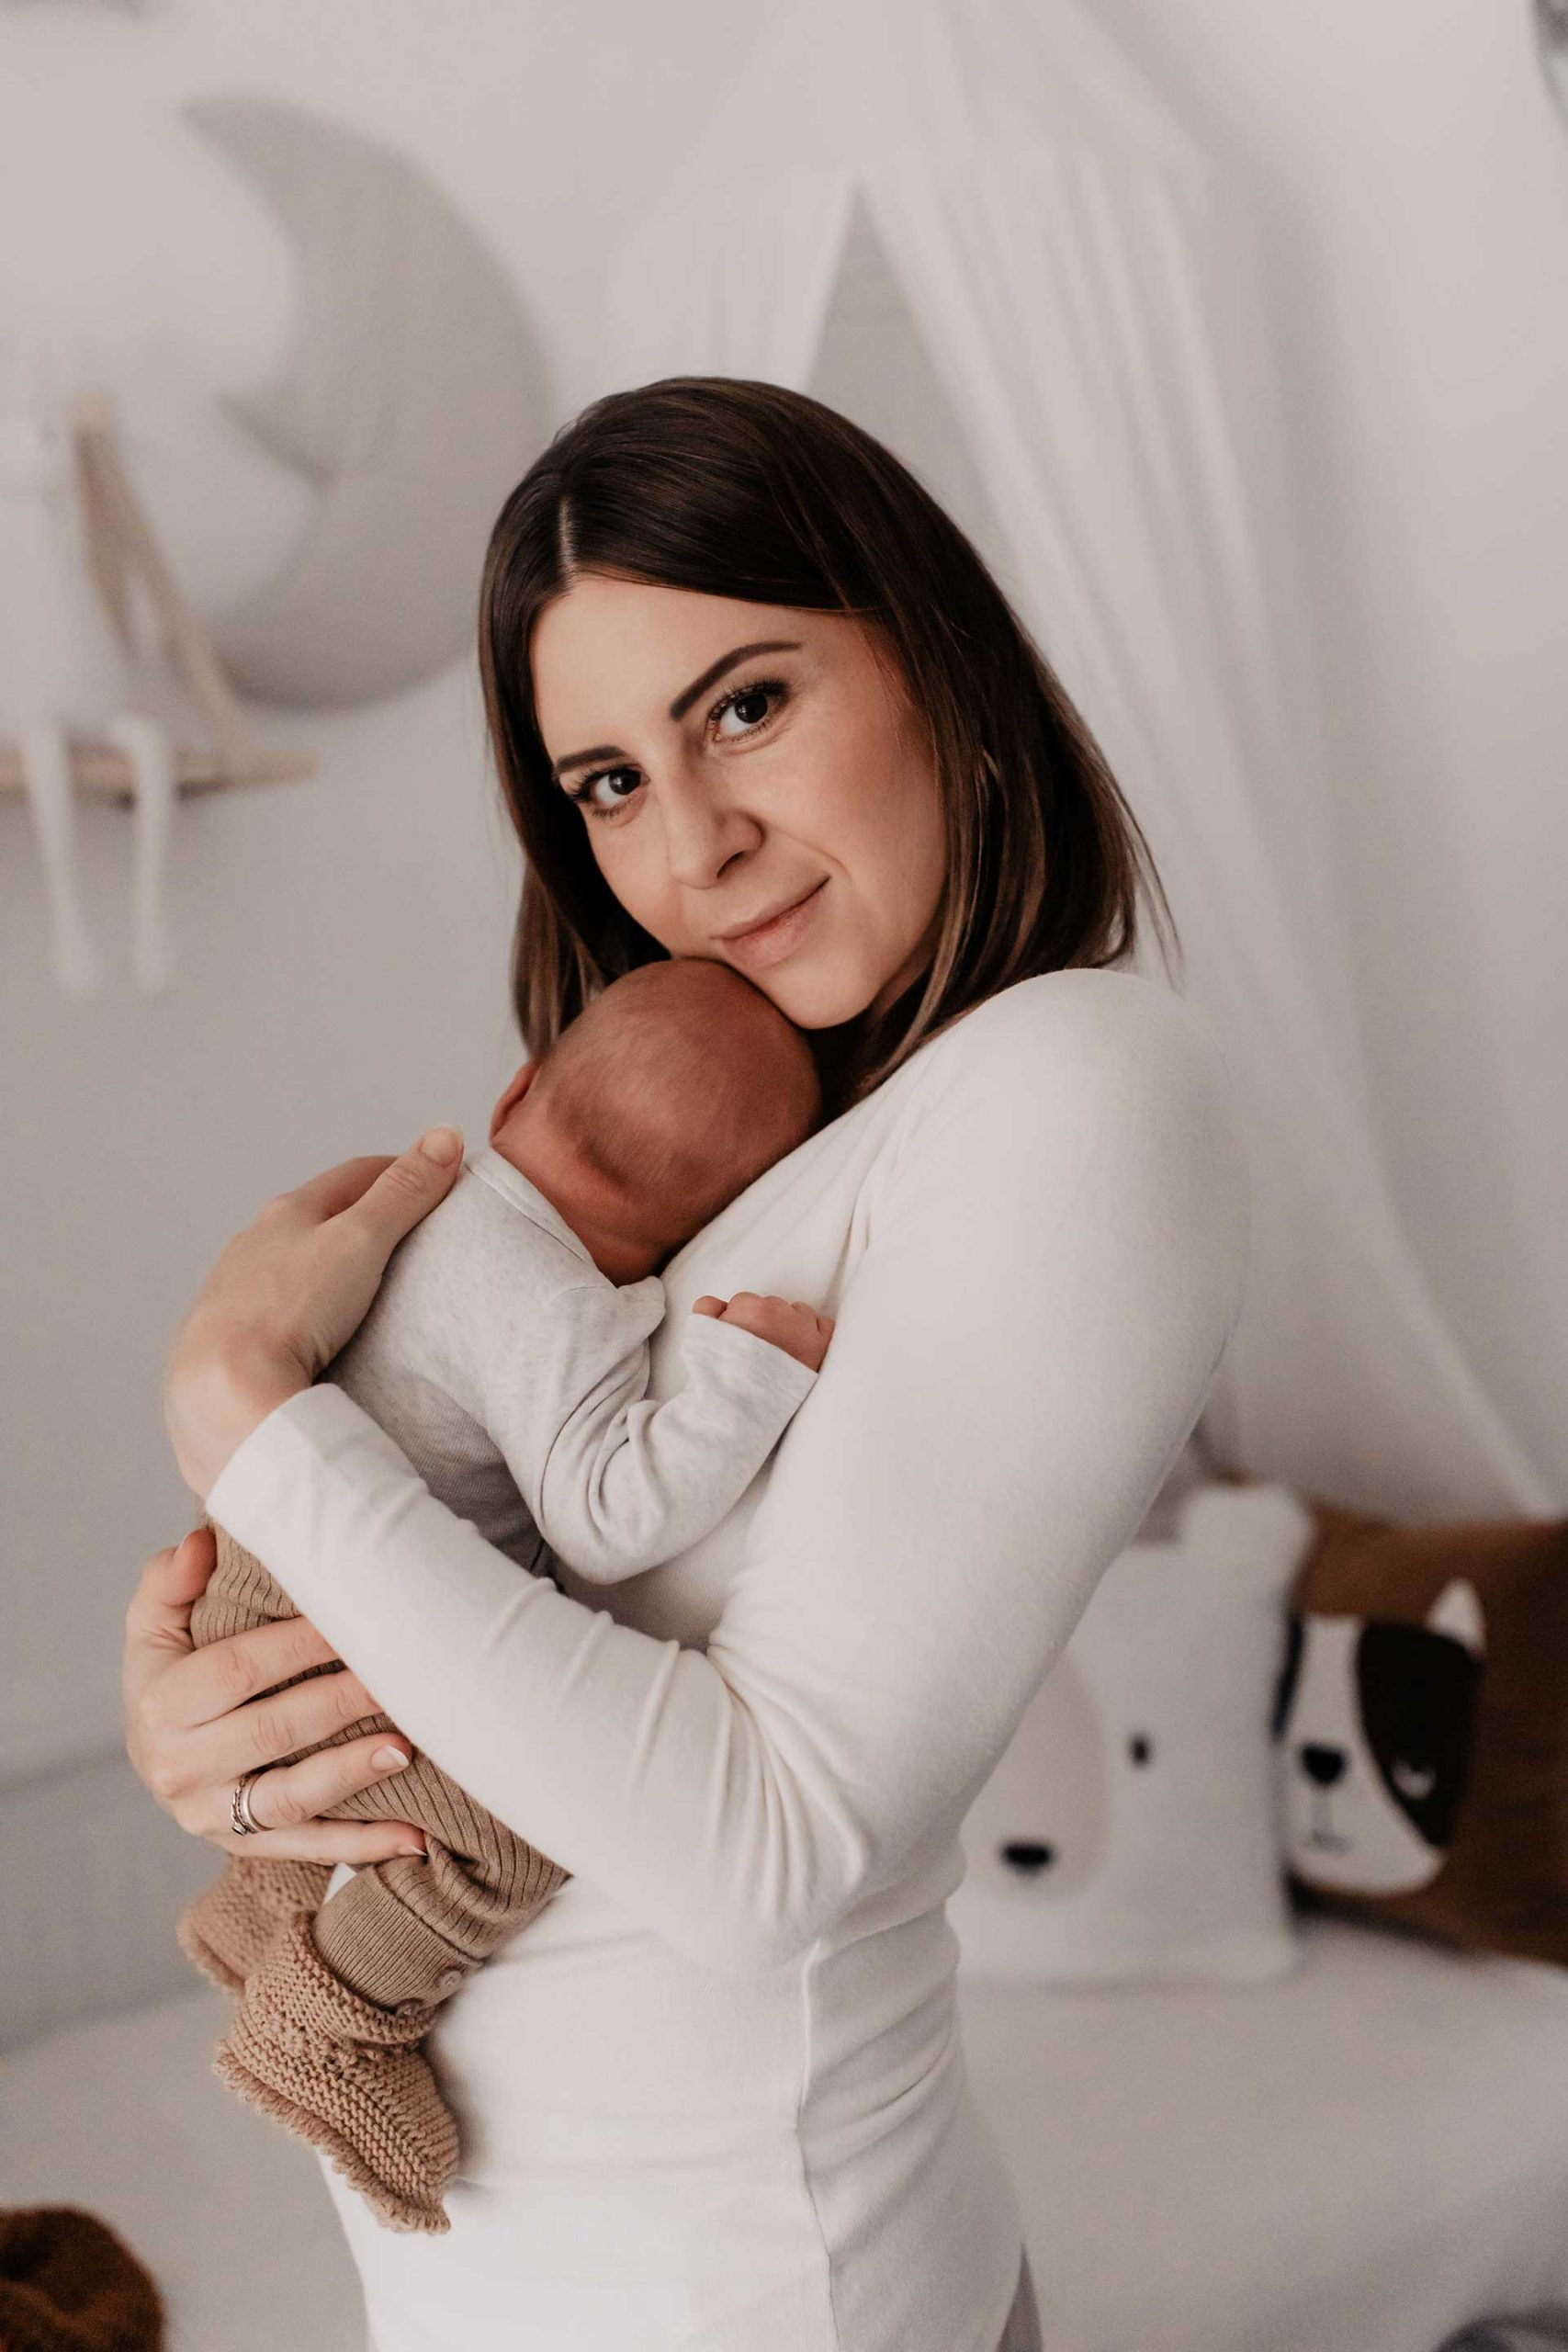 Anzeige. Wie kann ich für mein Kind vorsorgen? In den vergangenen Monaten der Schwangerschaft haben wir uns intensiv damit beschäftigt. Für uns ist die Antwort auf viele Fragen eine Familienversicherung – warum das so ist, erzähle ich dir heute am Mamablog www.whoismocca.com